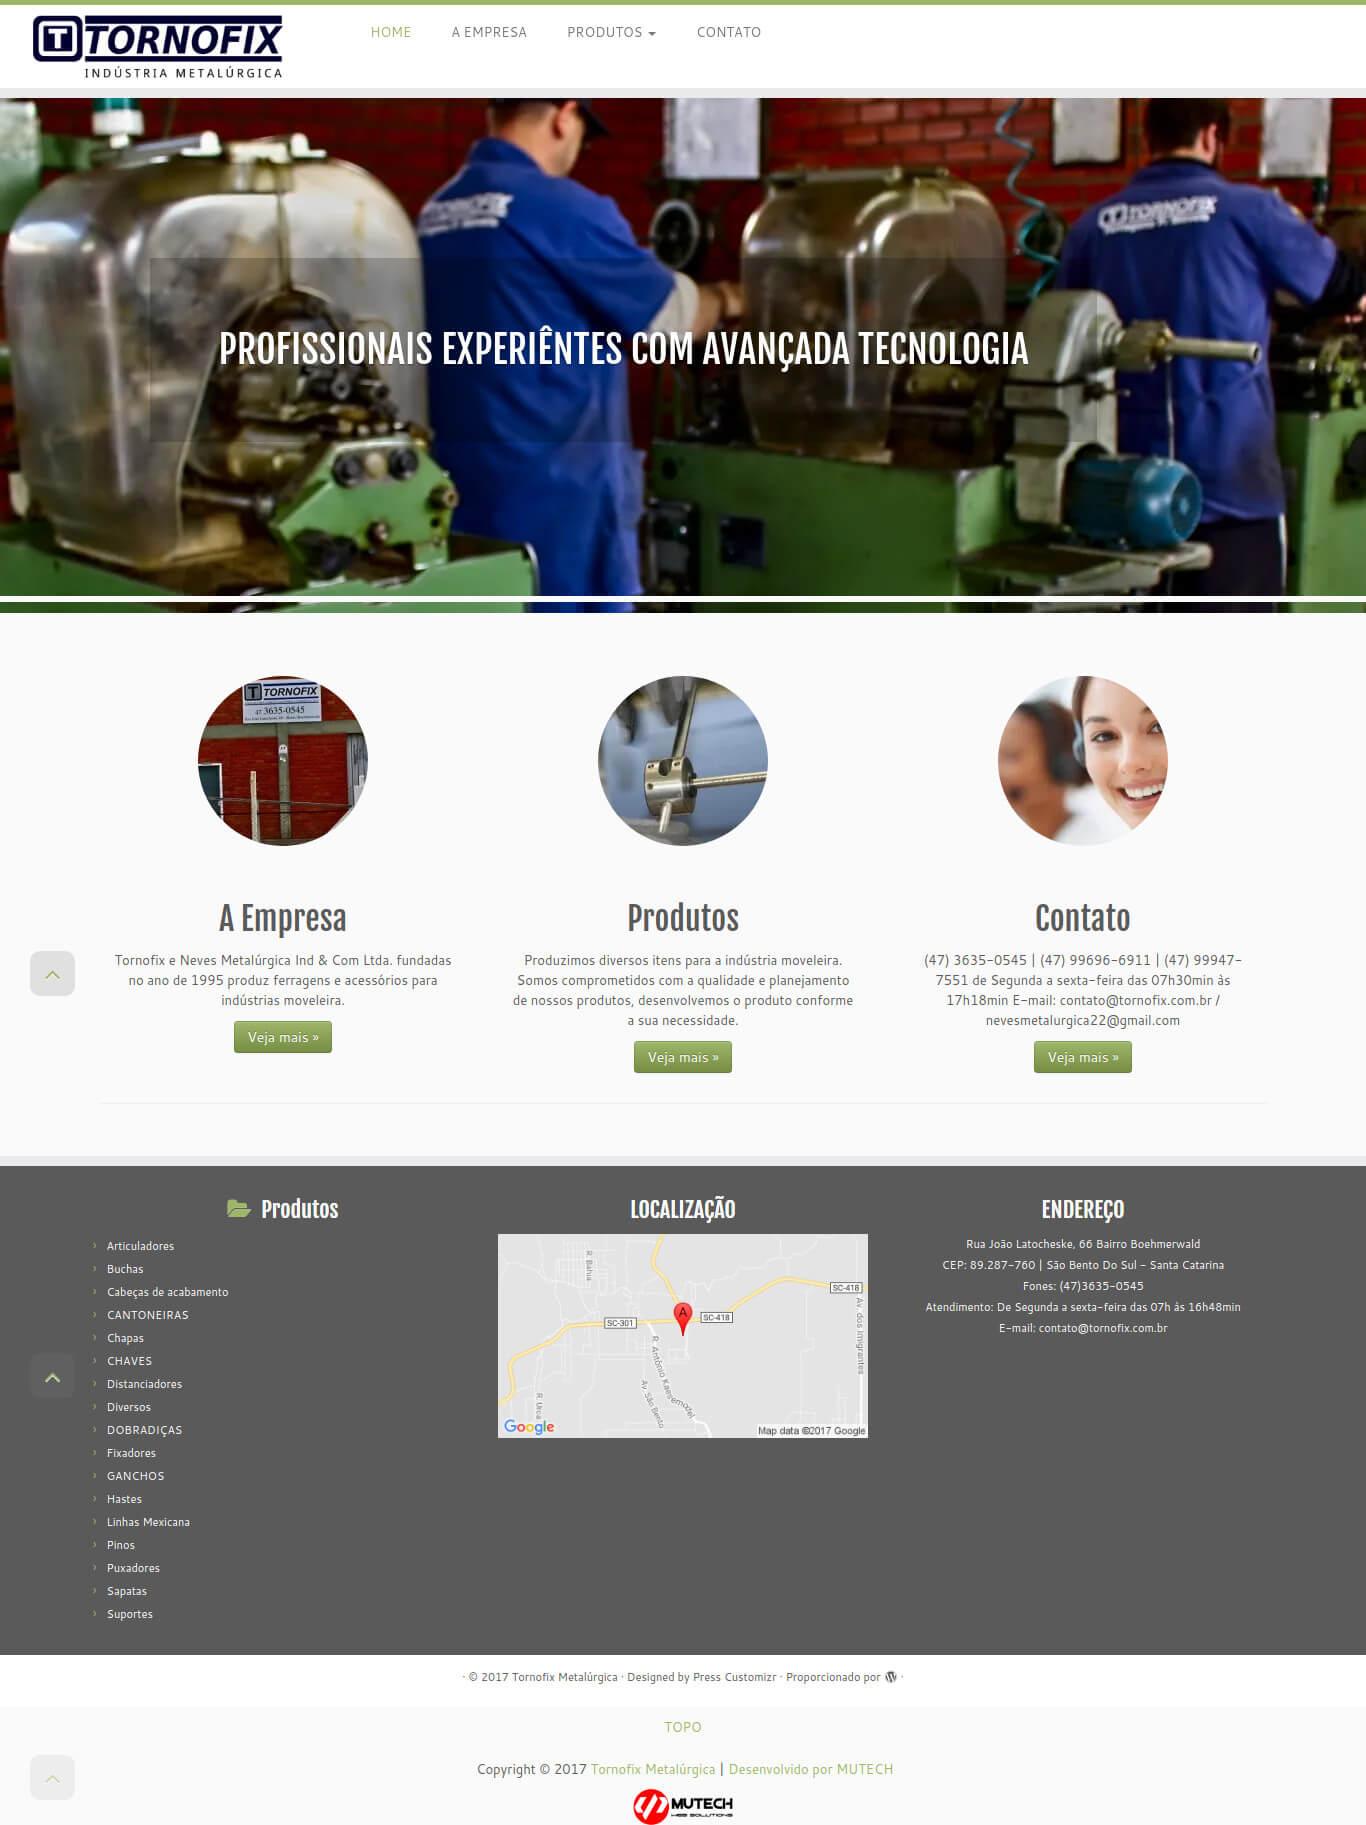 Website institucional da Indústria Metalúrgica Tornofix de São Bento do Sul/SC.